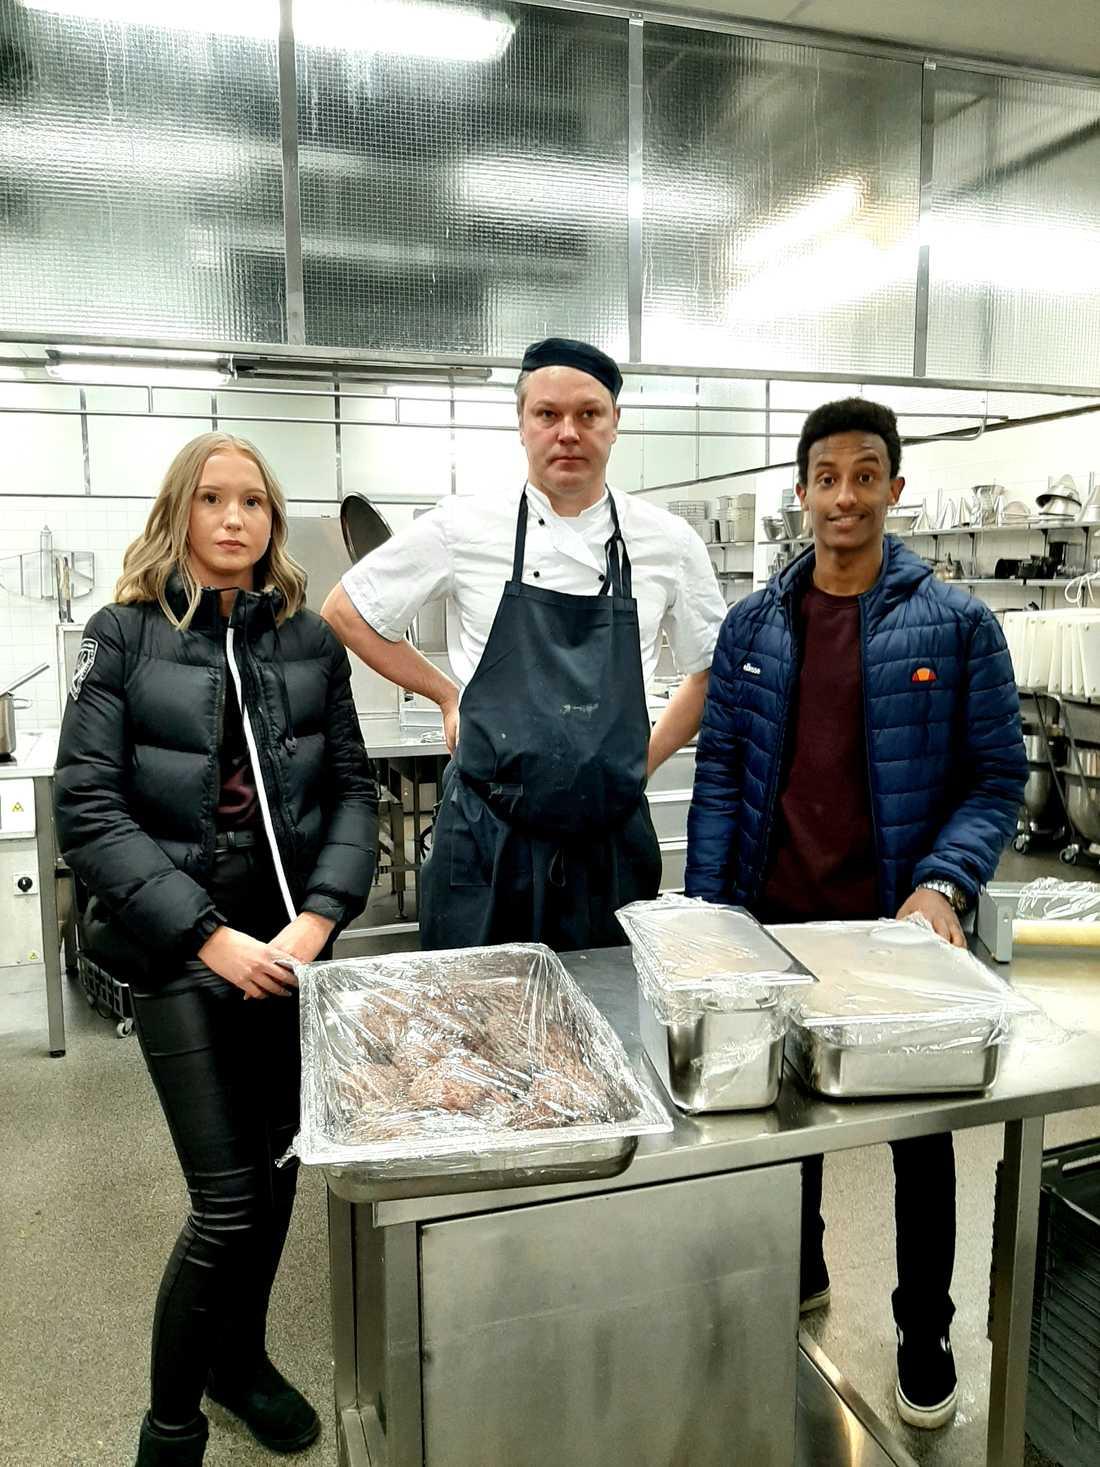 Alva, Mio och Evenezer tillsammans med Fredrik som är kock på Aros Congress Center.